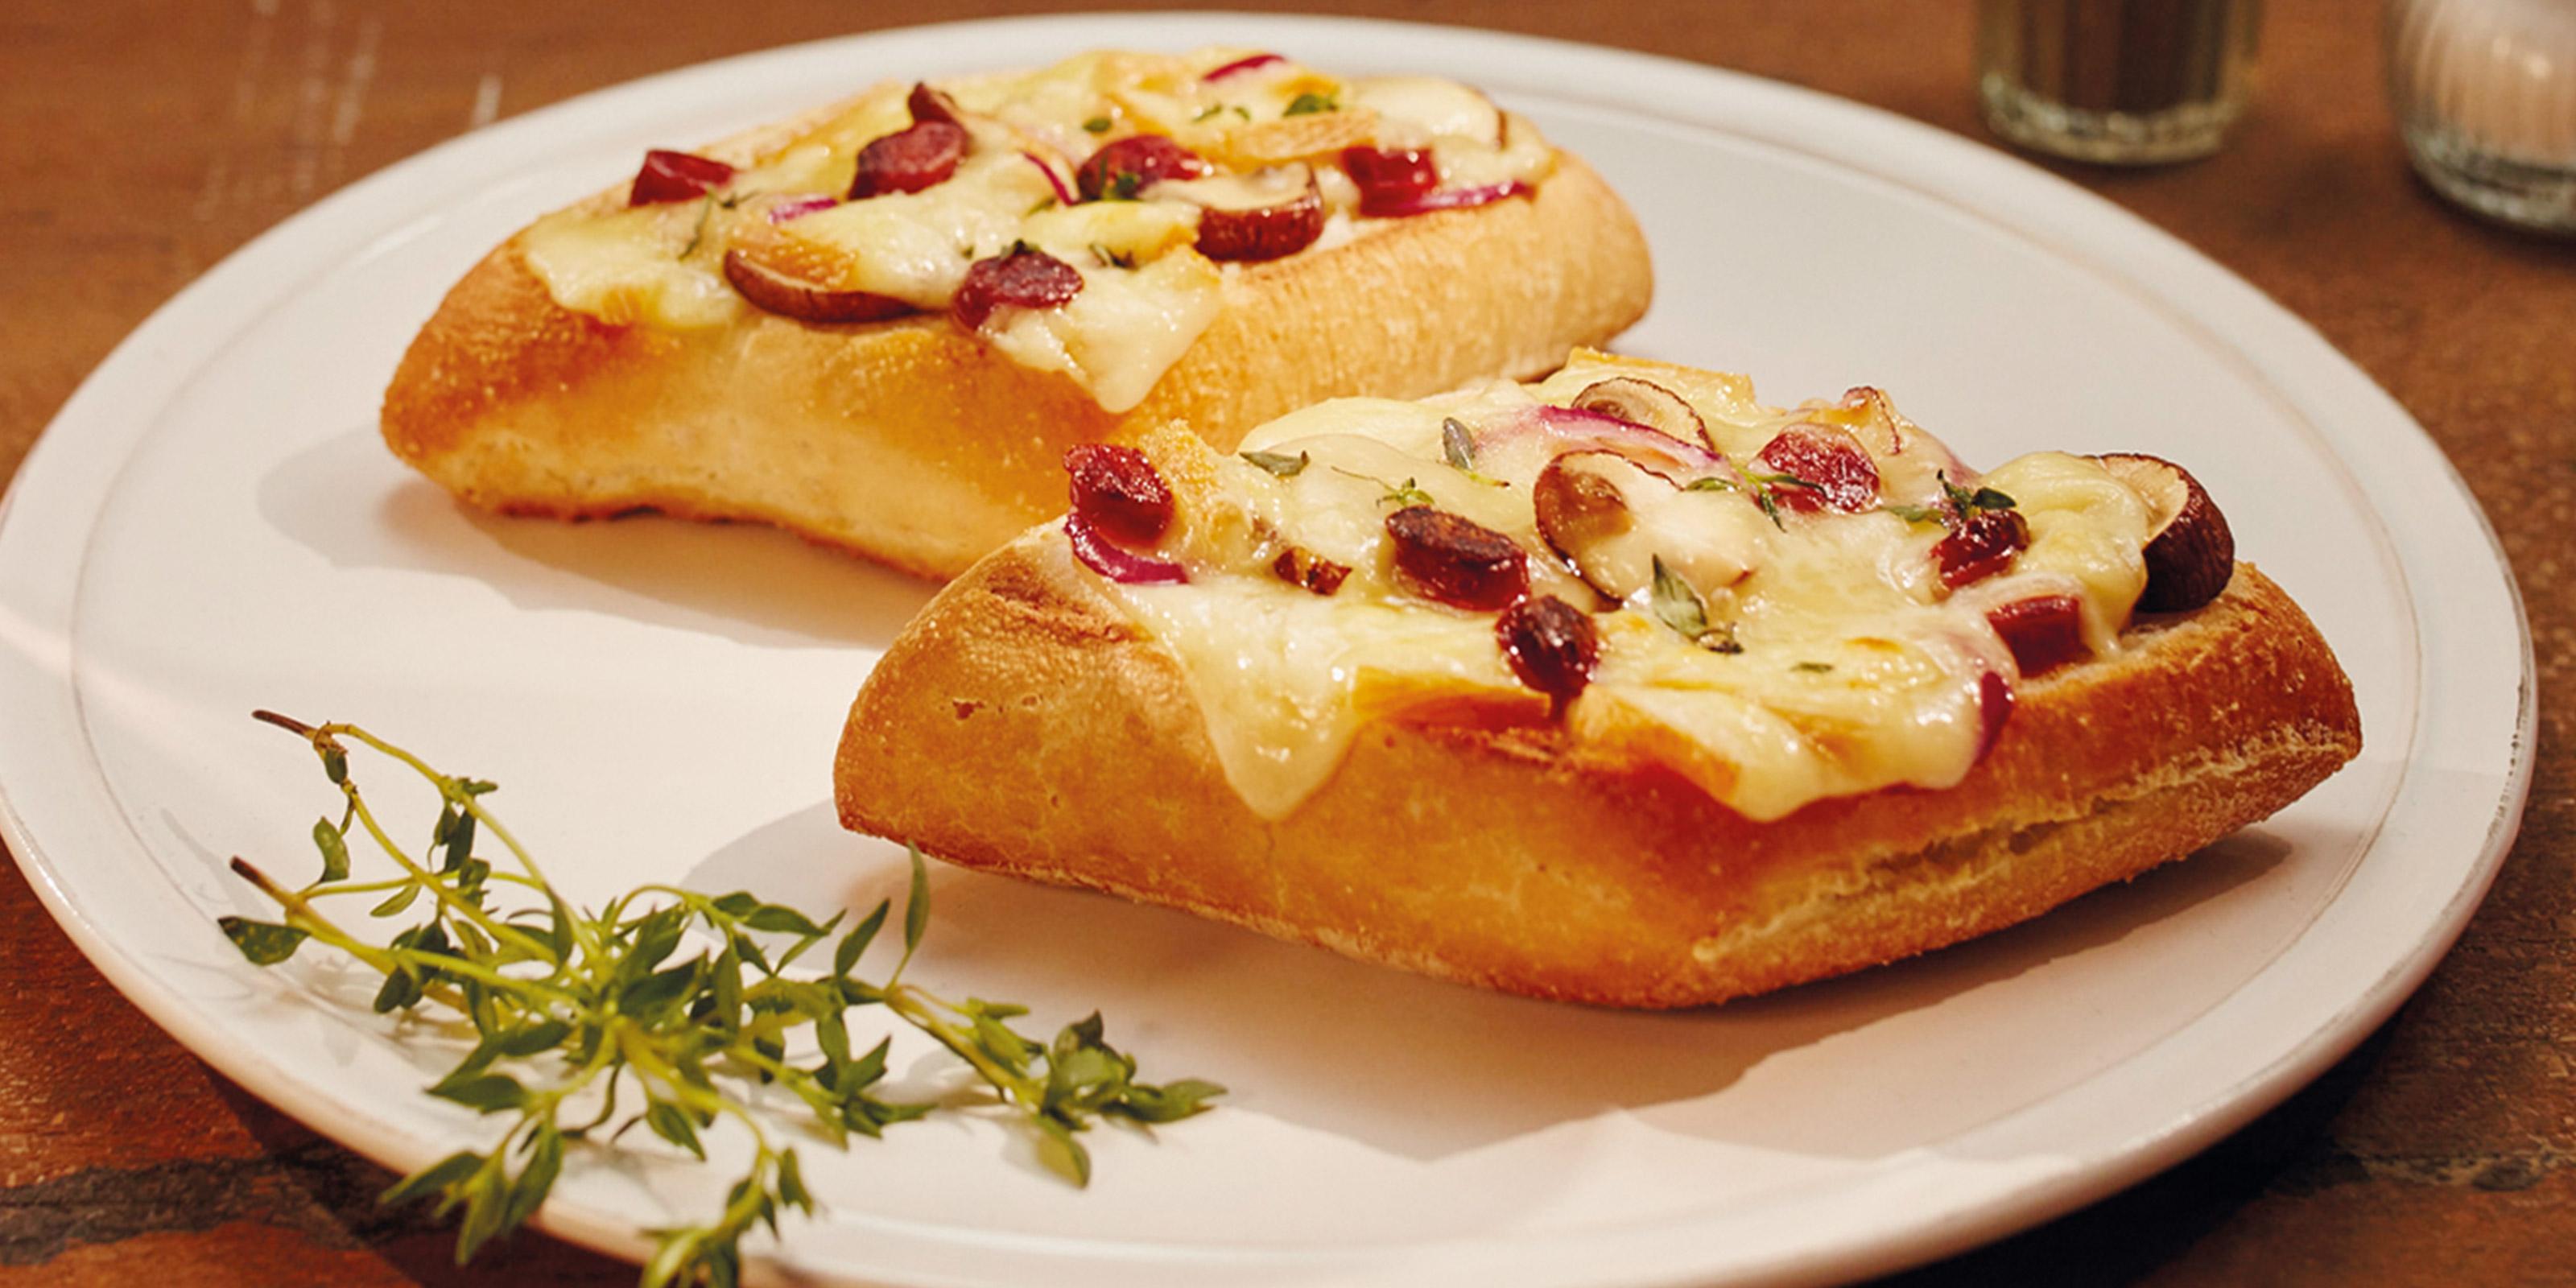 Raclette Brötchen mit aromatischem Raclette-Käse, Pilzen und Salami-Stücken.